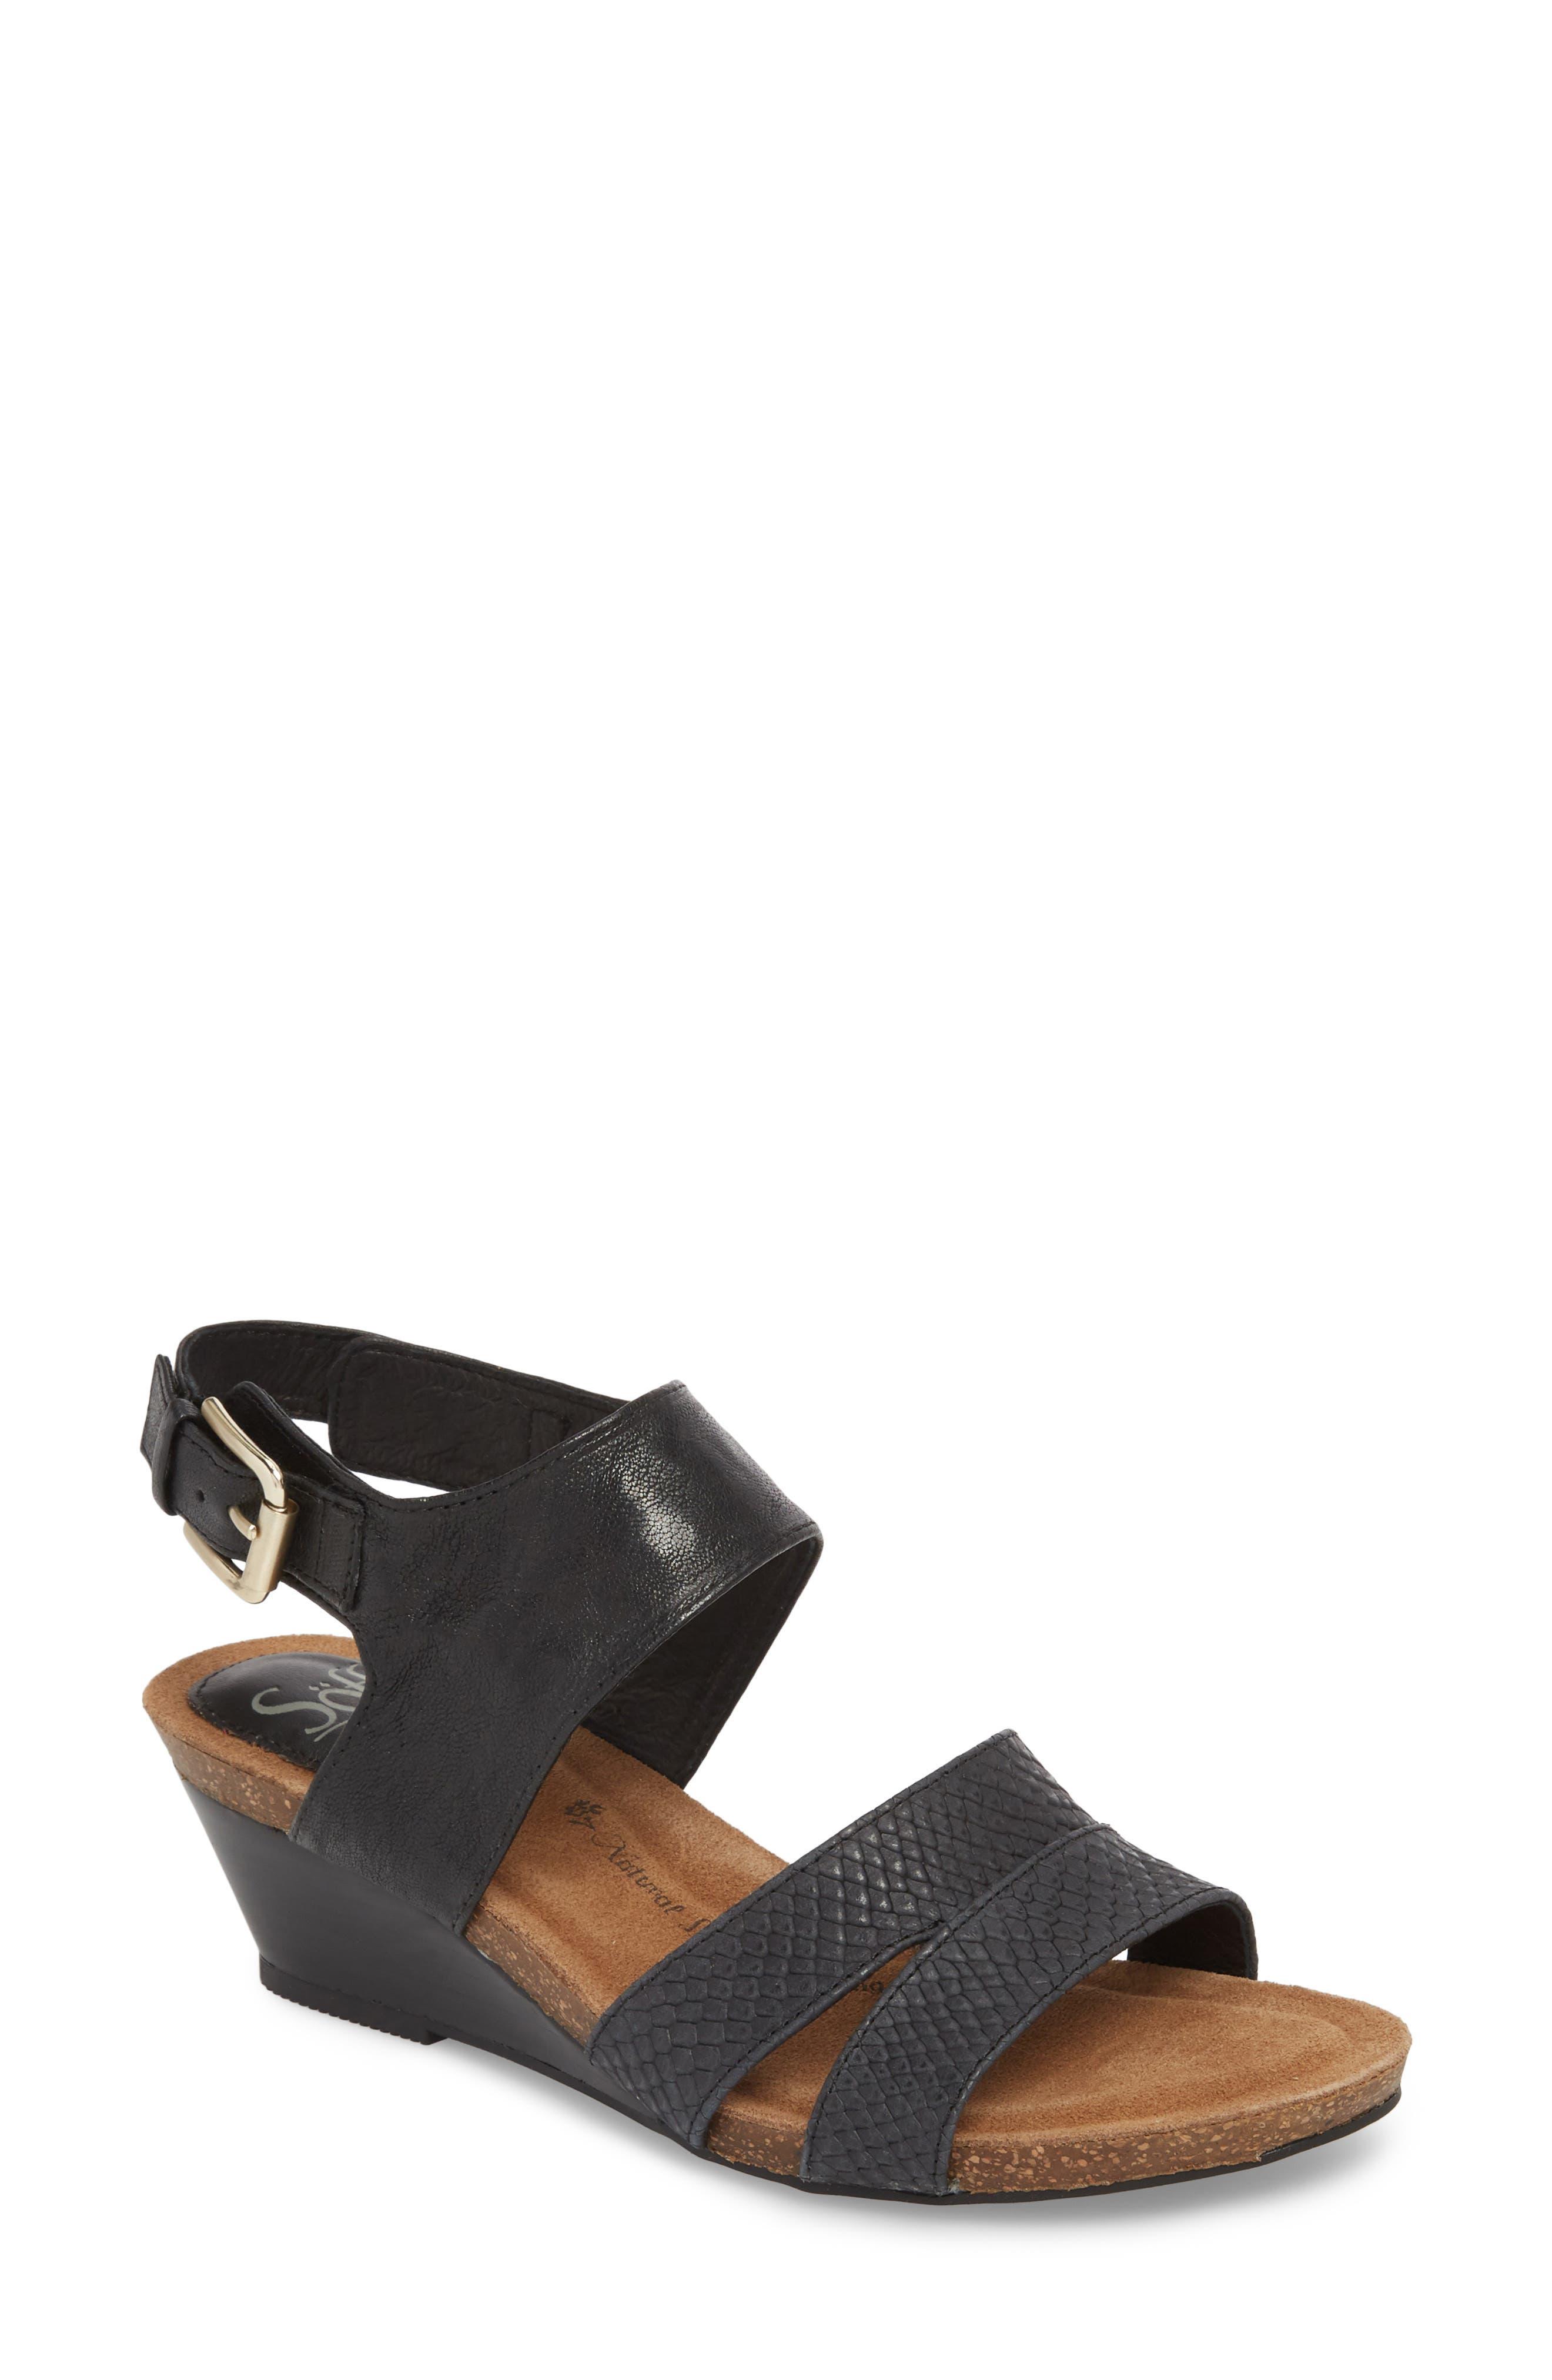 Velden Wedge Sandal,                         Main,                         color, 001